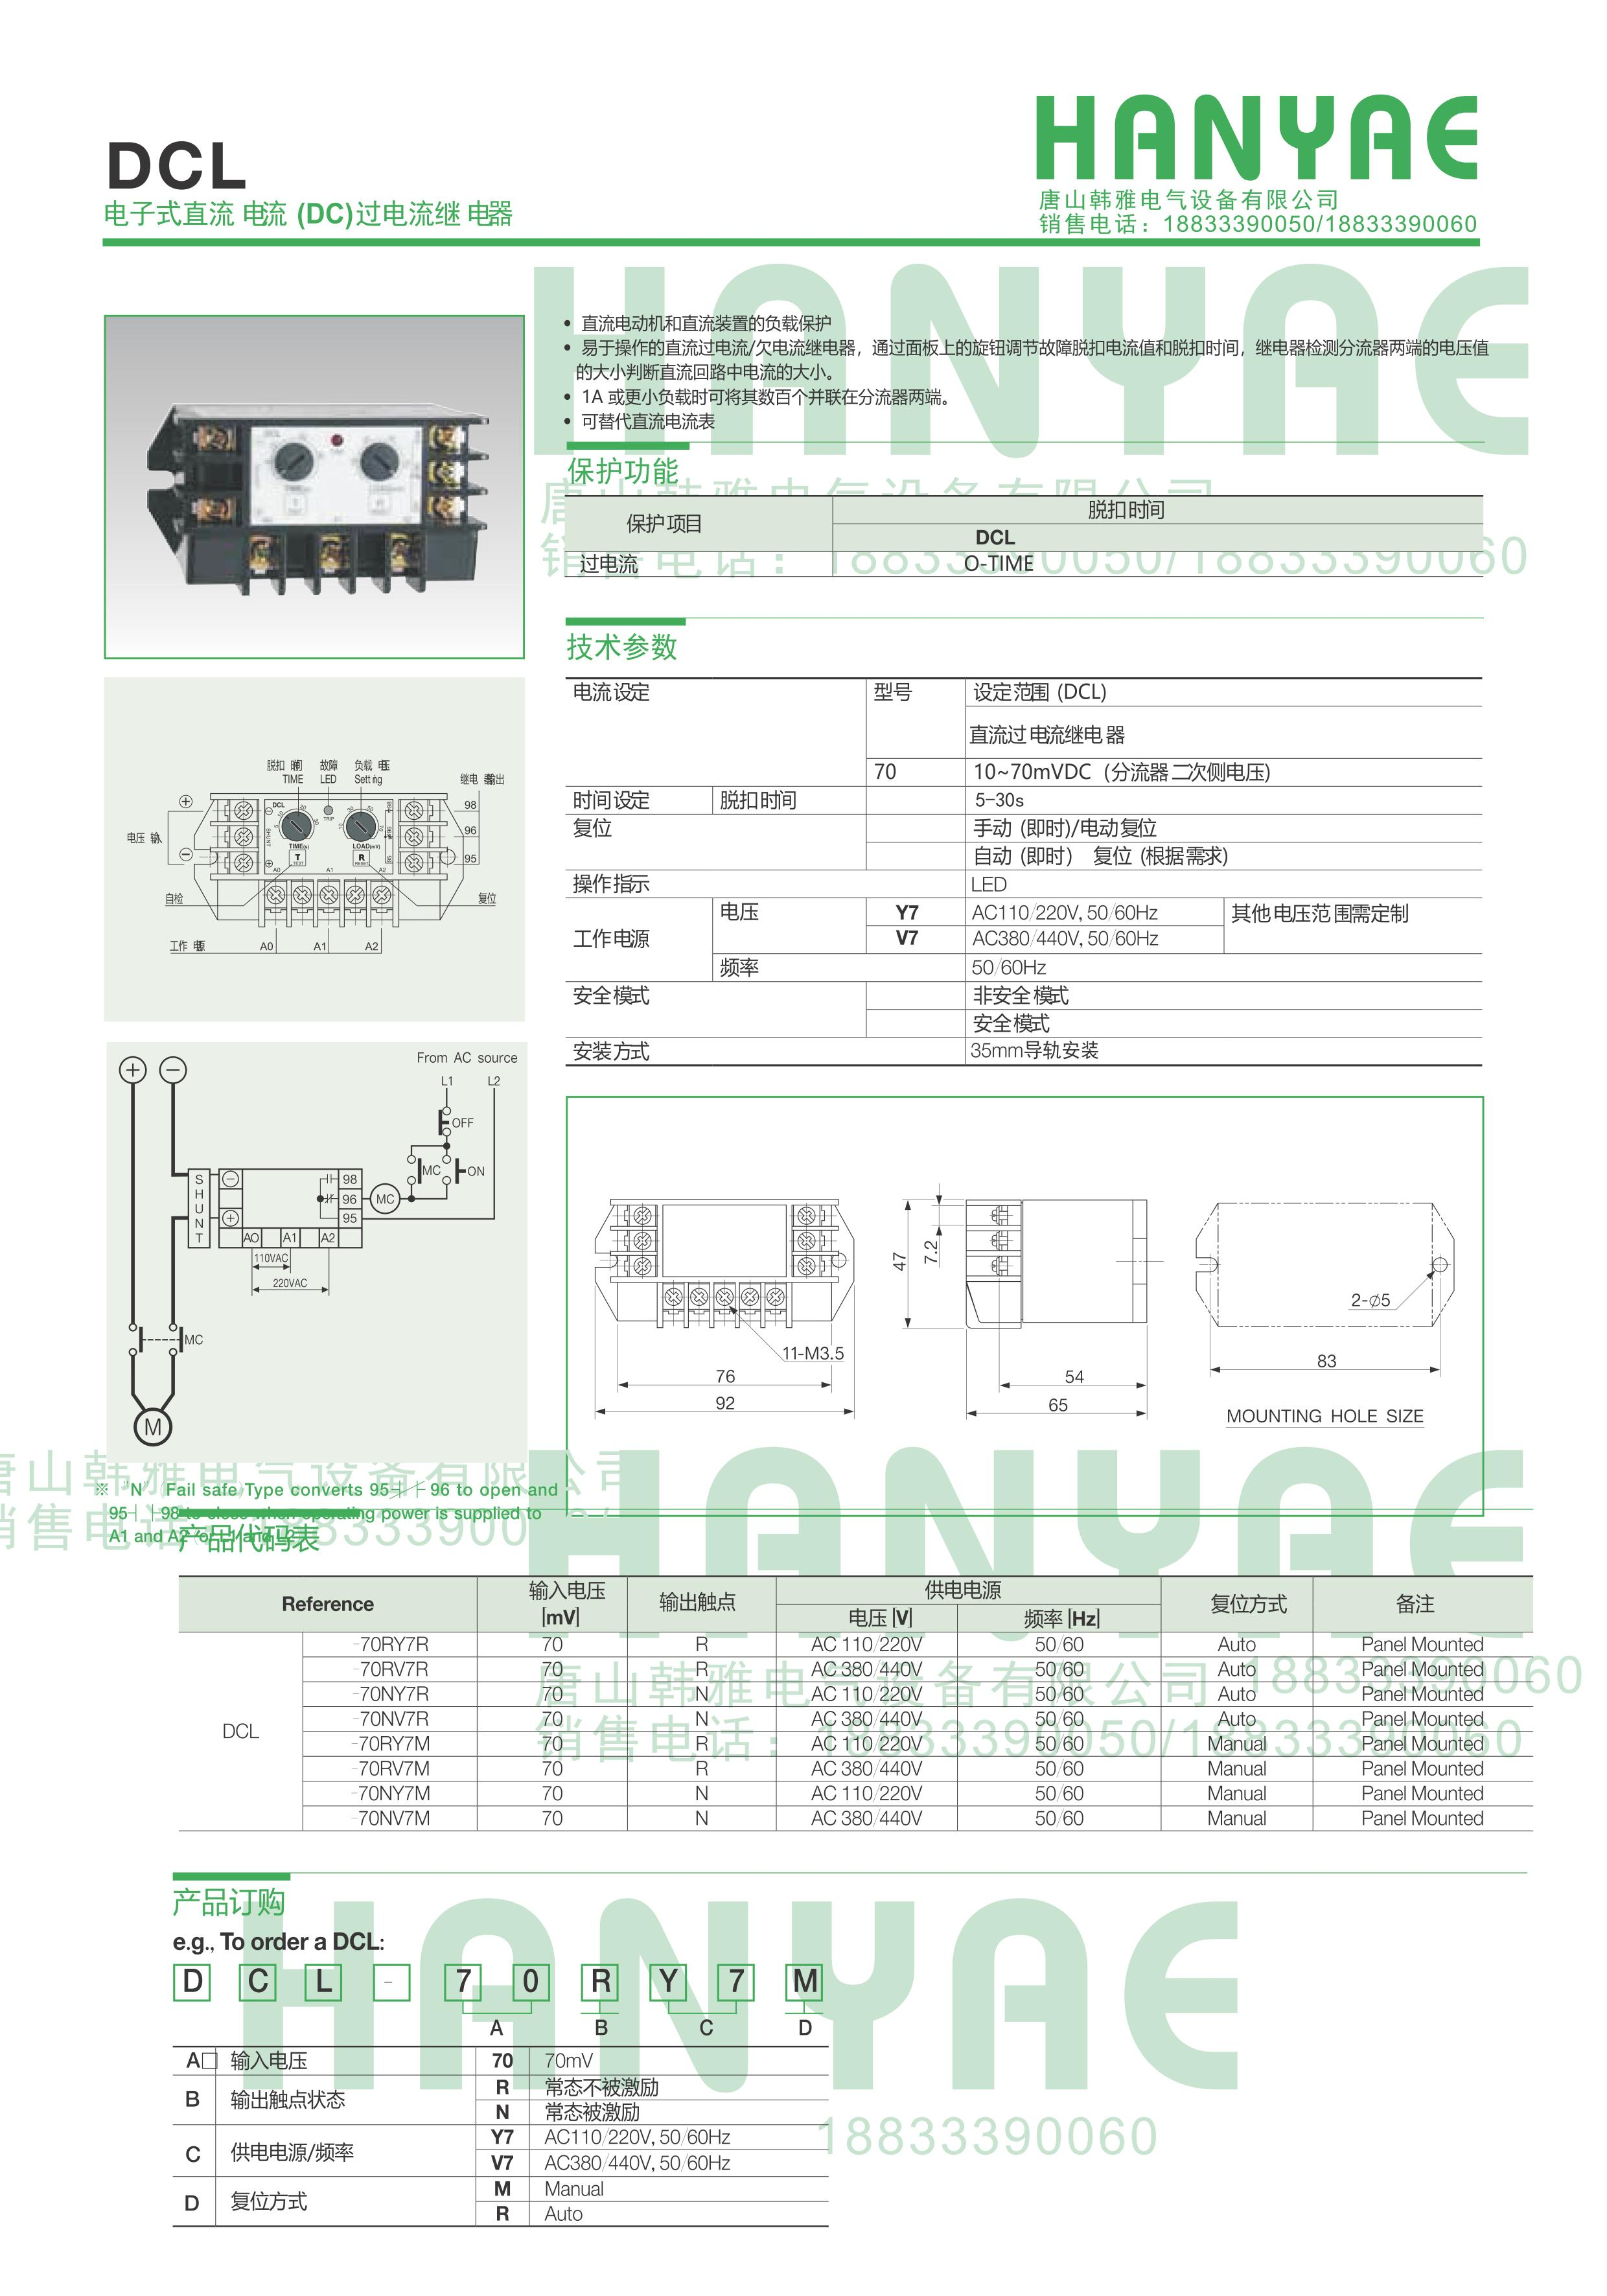 施耐德EOCR(原韩国三和)-直流保护器DCL-70RY7M 直流保护器,电子式继电器,马达保护器,韩国三和SAMWHA,韩国施耐德